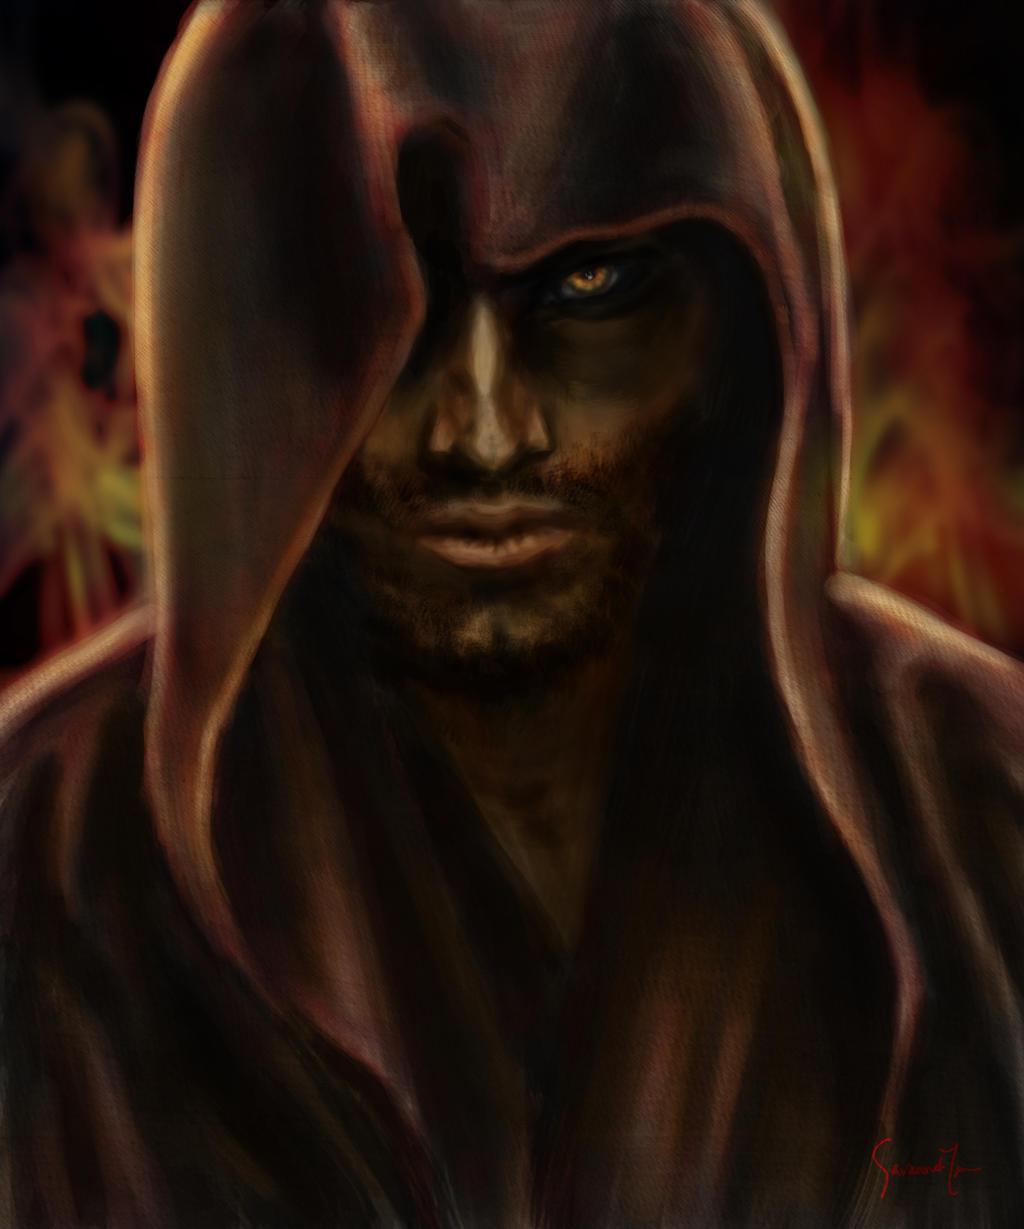 Olshar character concept art